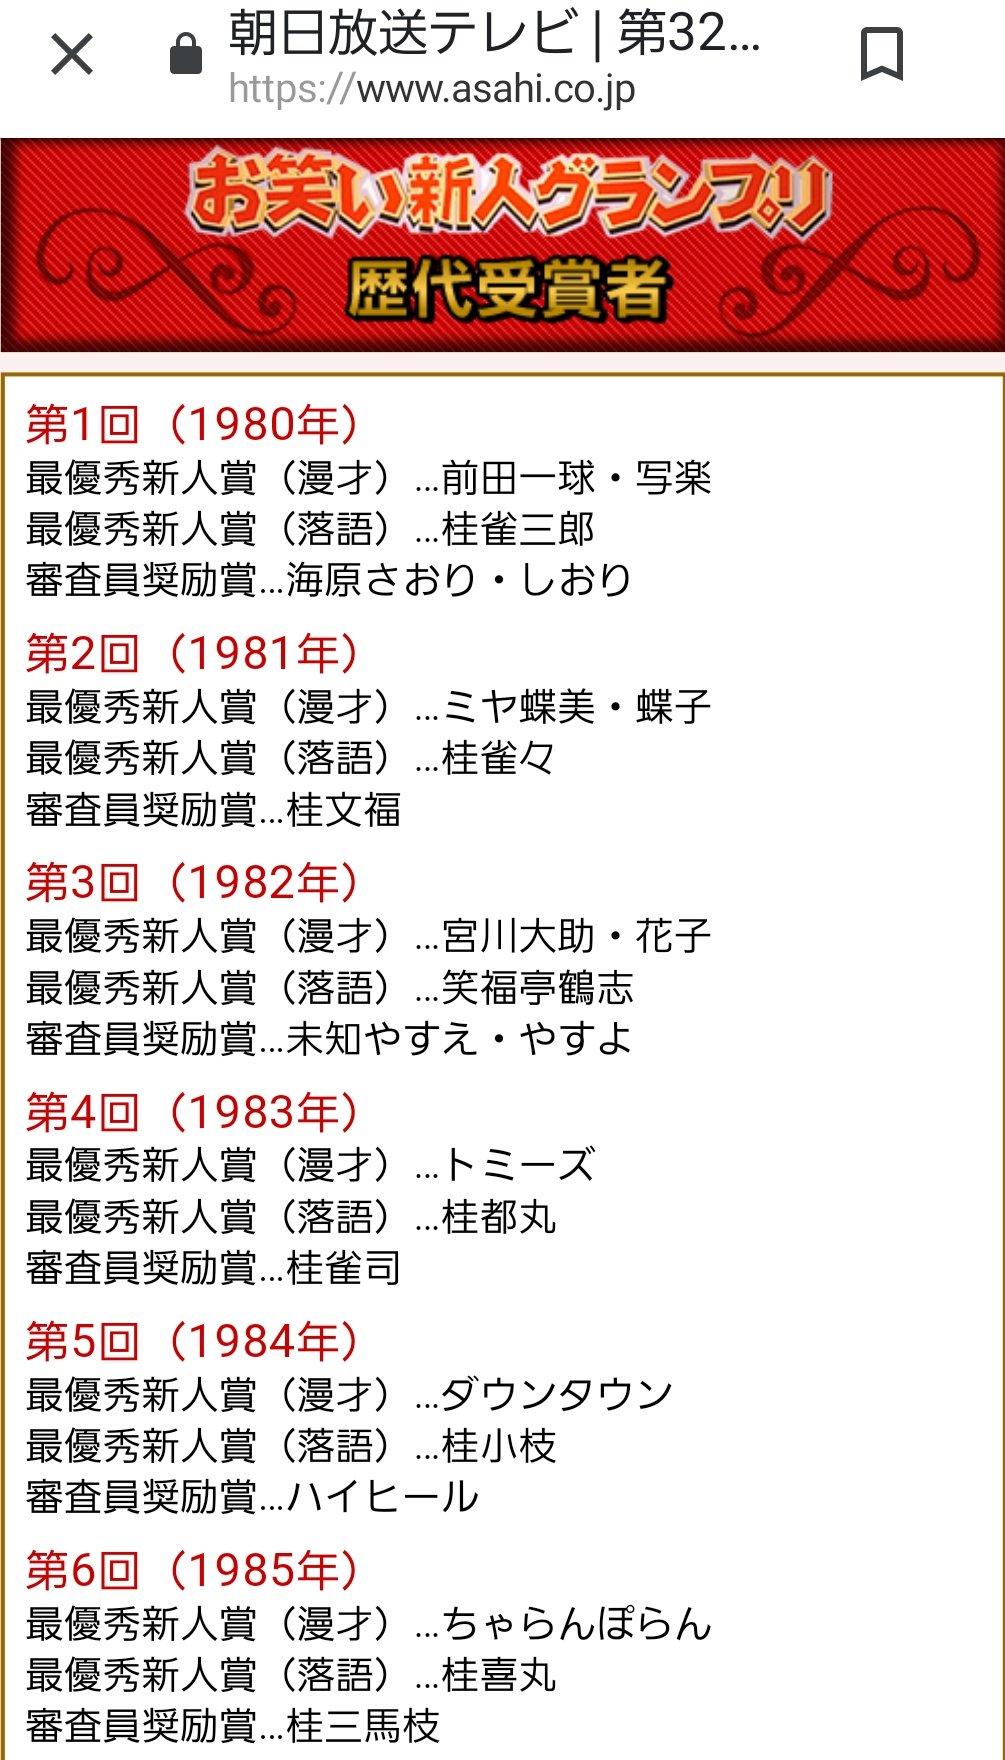 Abc お笑い グランプリ 歴代